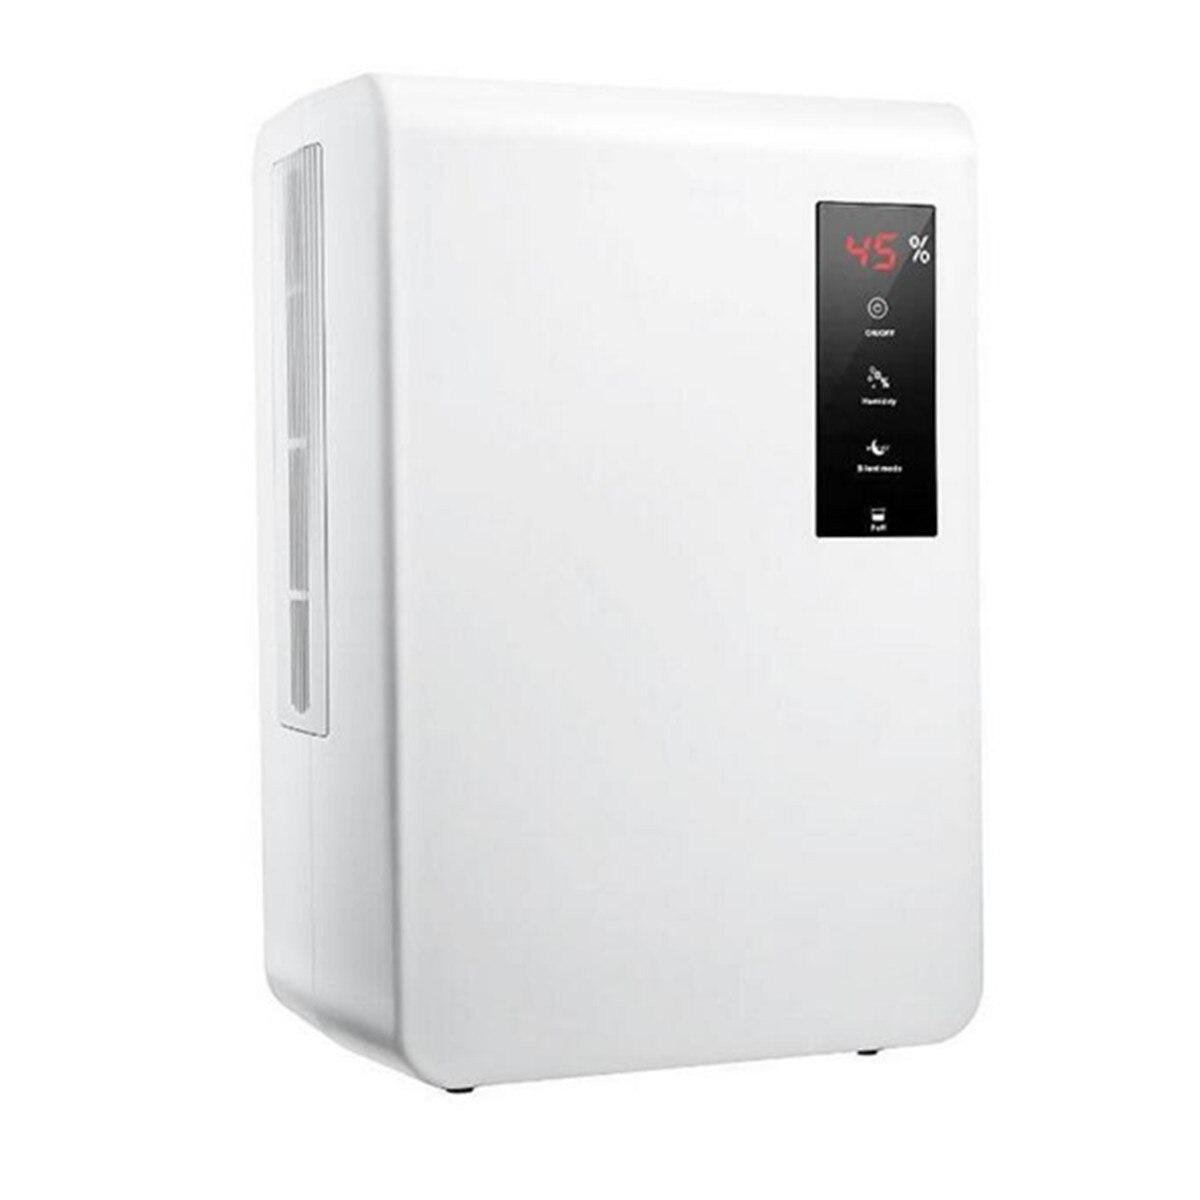 AX3 3L 150 W blanc Portable déshumidificateur muet pour éliminer l'humidité Absorption Air sèche dans la maison cuisine salle de bains sous-sol